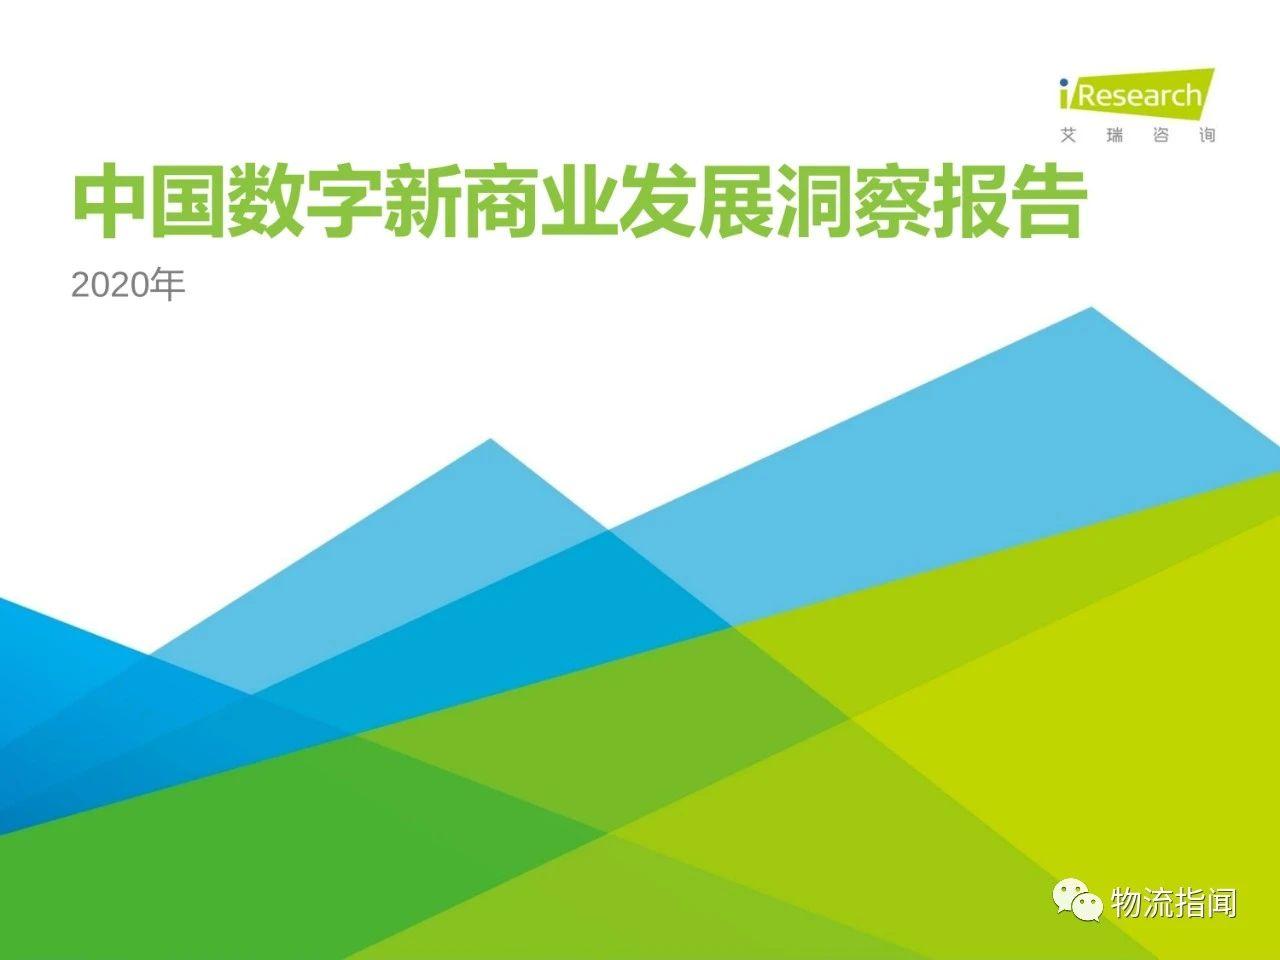 【行业报告】35页PPT:2020年中国新零售行业数字化研究报告